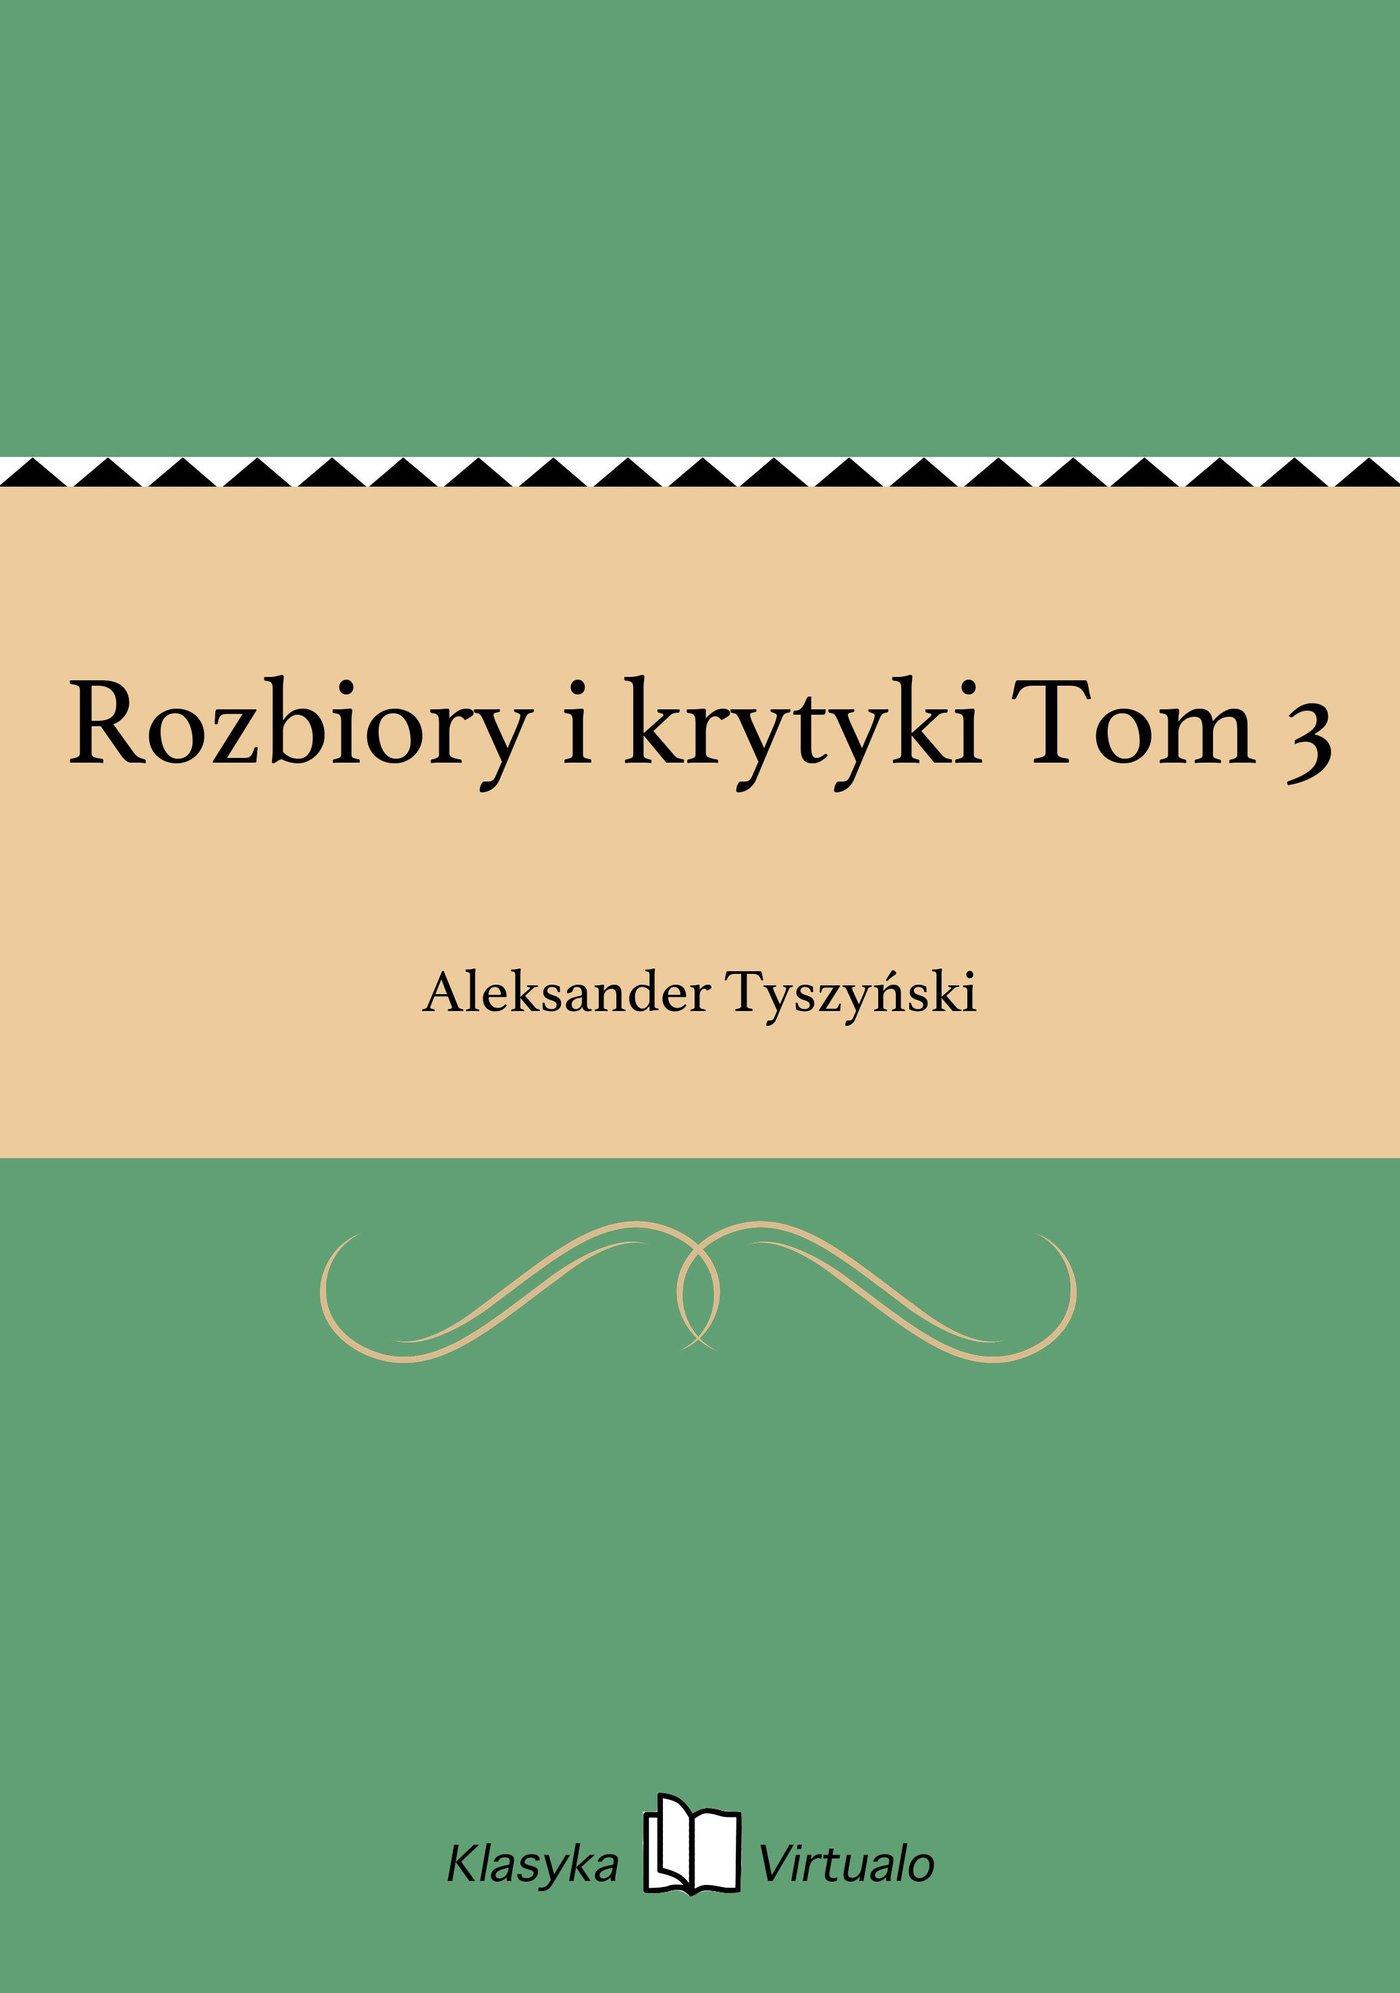 Rozbiory i krytyki Tom 3 - Ebook (Książka na Kindle) do pobrania w formacie MOBI